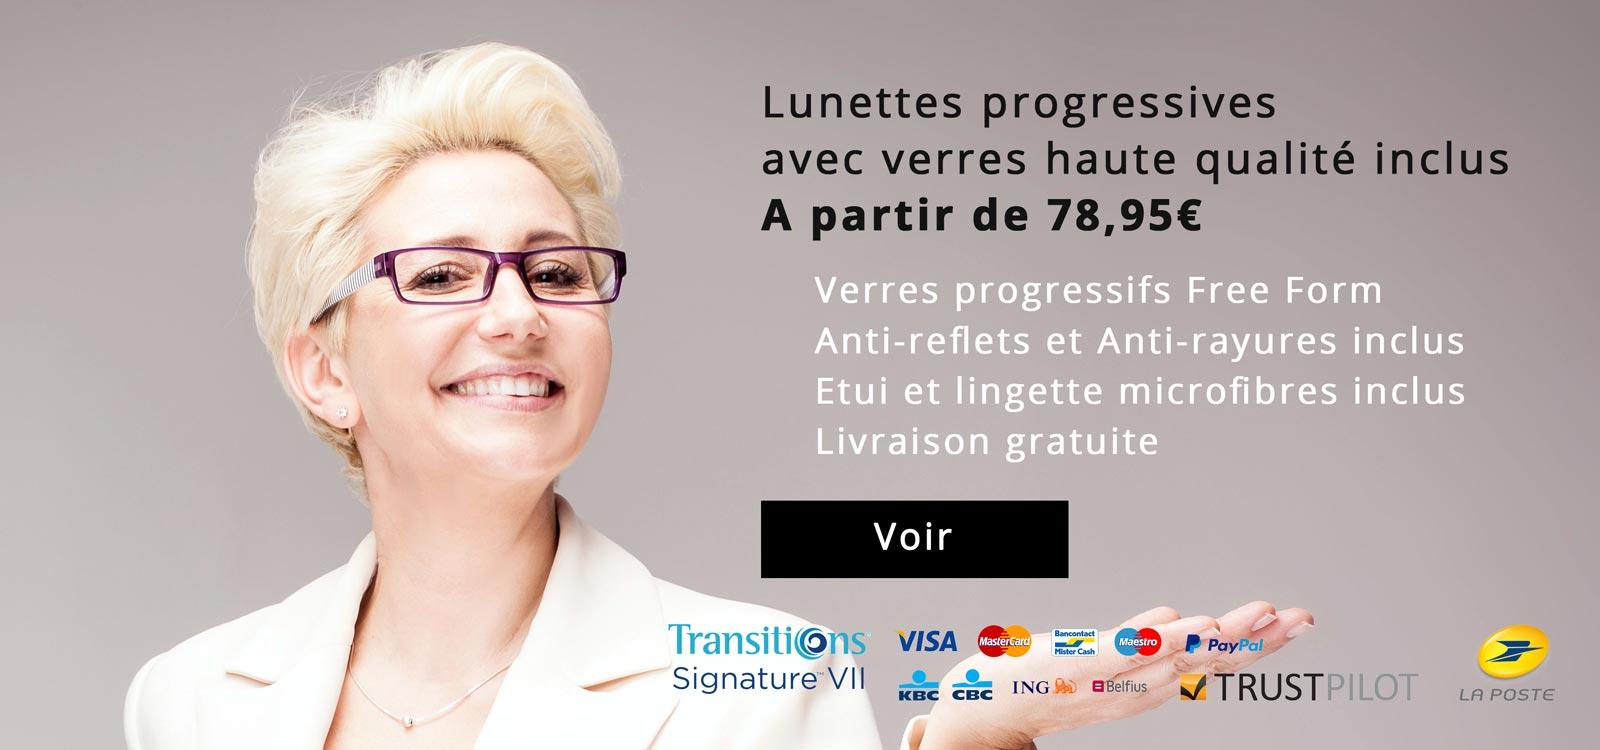 Lunettes progressives avec verres haute qualité inclus, A partir de 78,95€